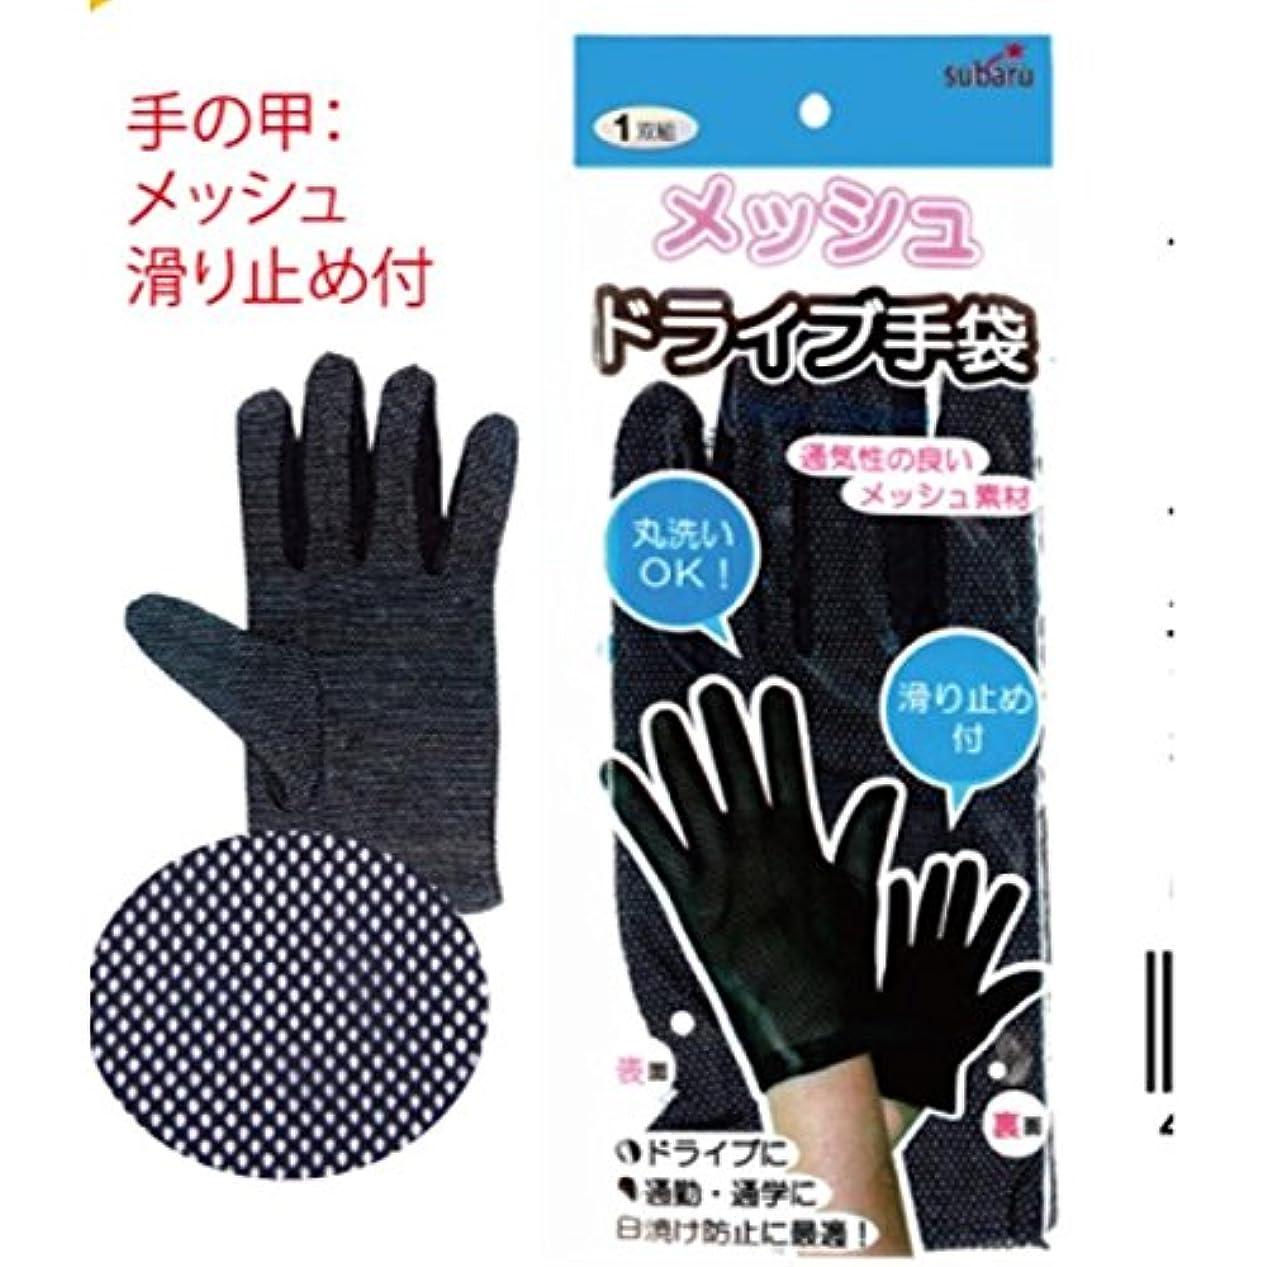 自動見せますについて手の甲メッシュ ドライブ手袋滑り止め付 (12個セット) 227-13